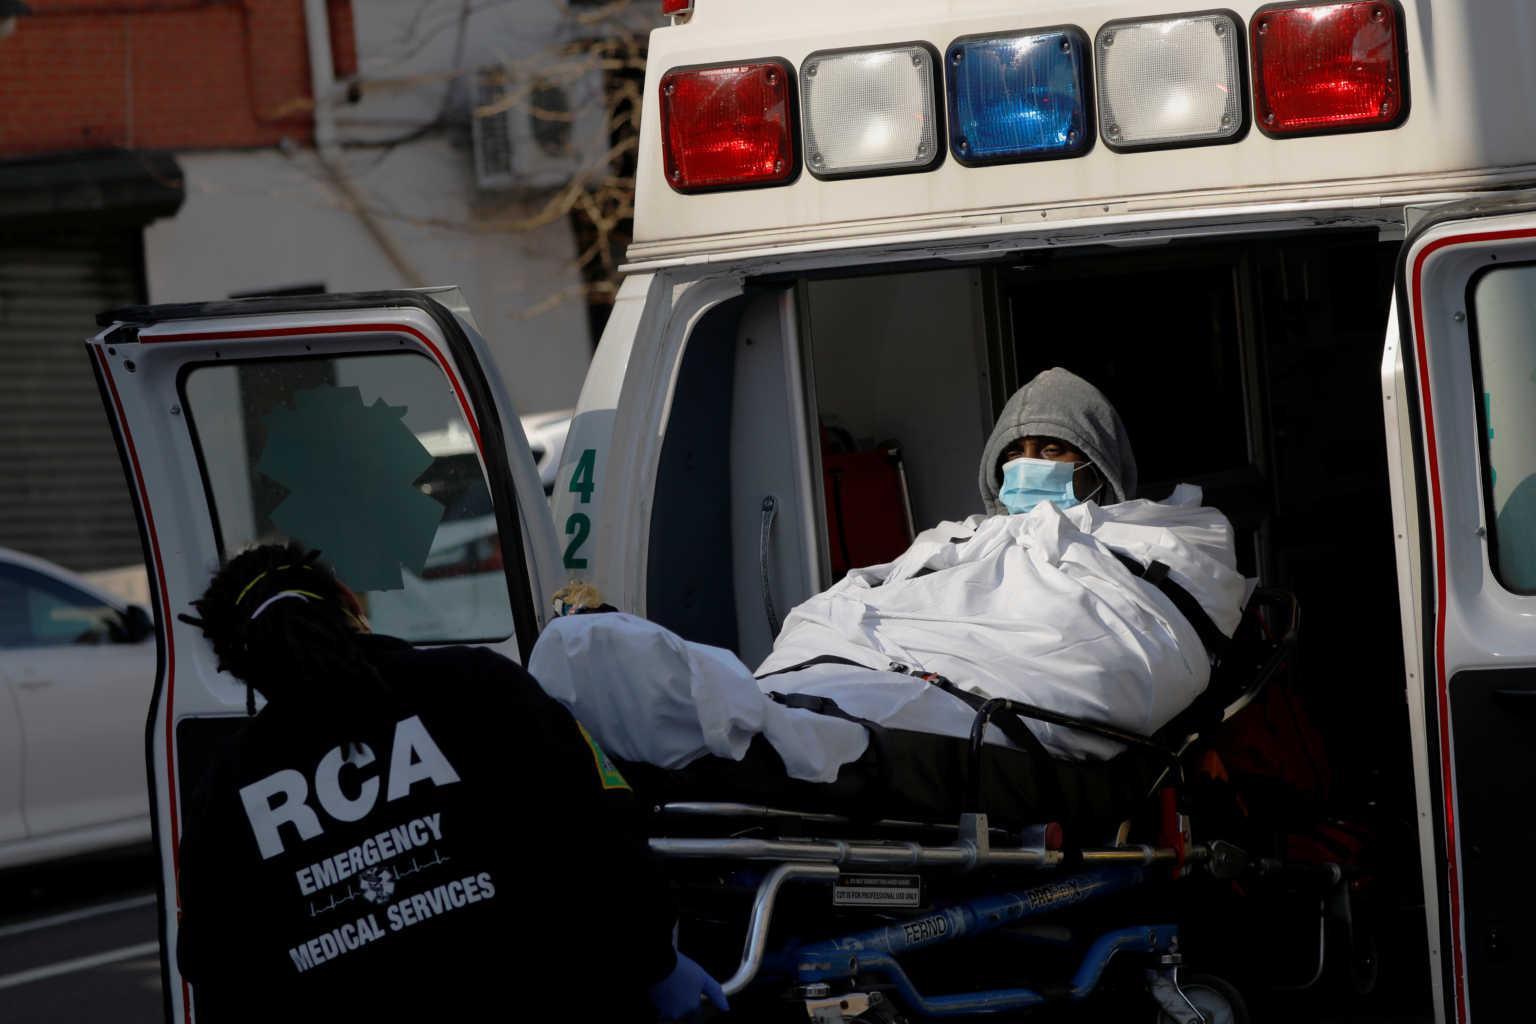 Μακελάρης κορονοϊός και στις ΗΠΑ – Ρεκόρ θανάτων με 345 θύματα σε μια μέρα